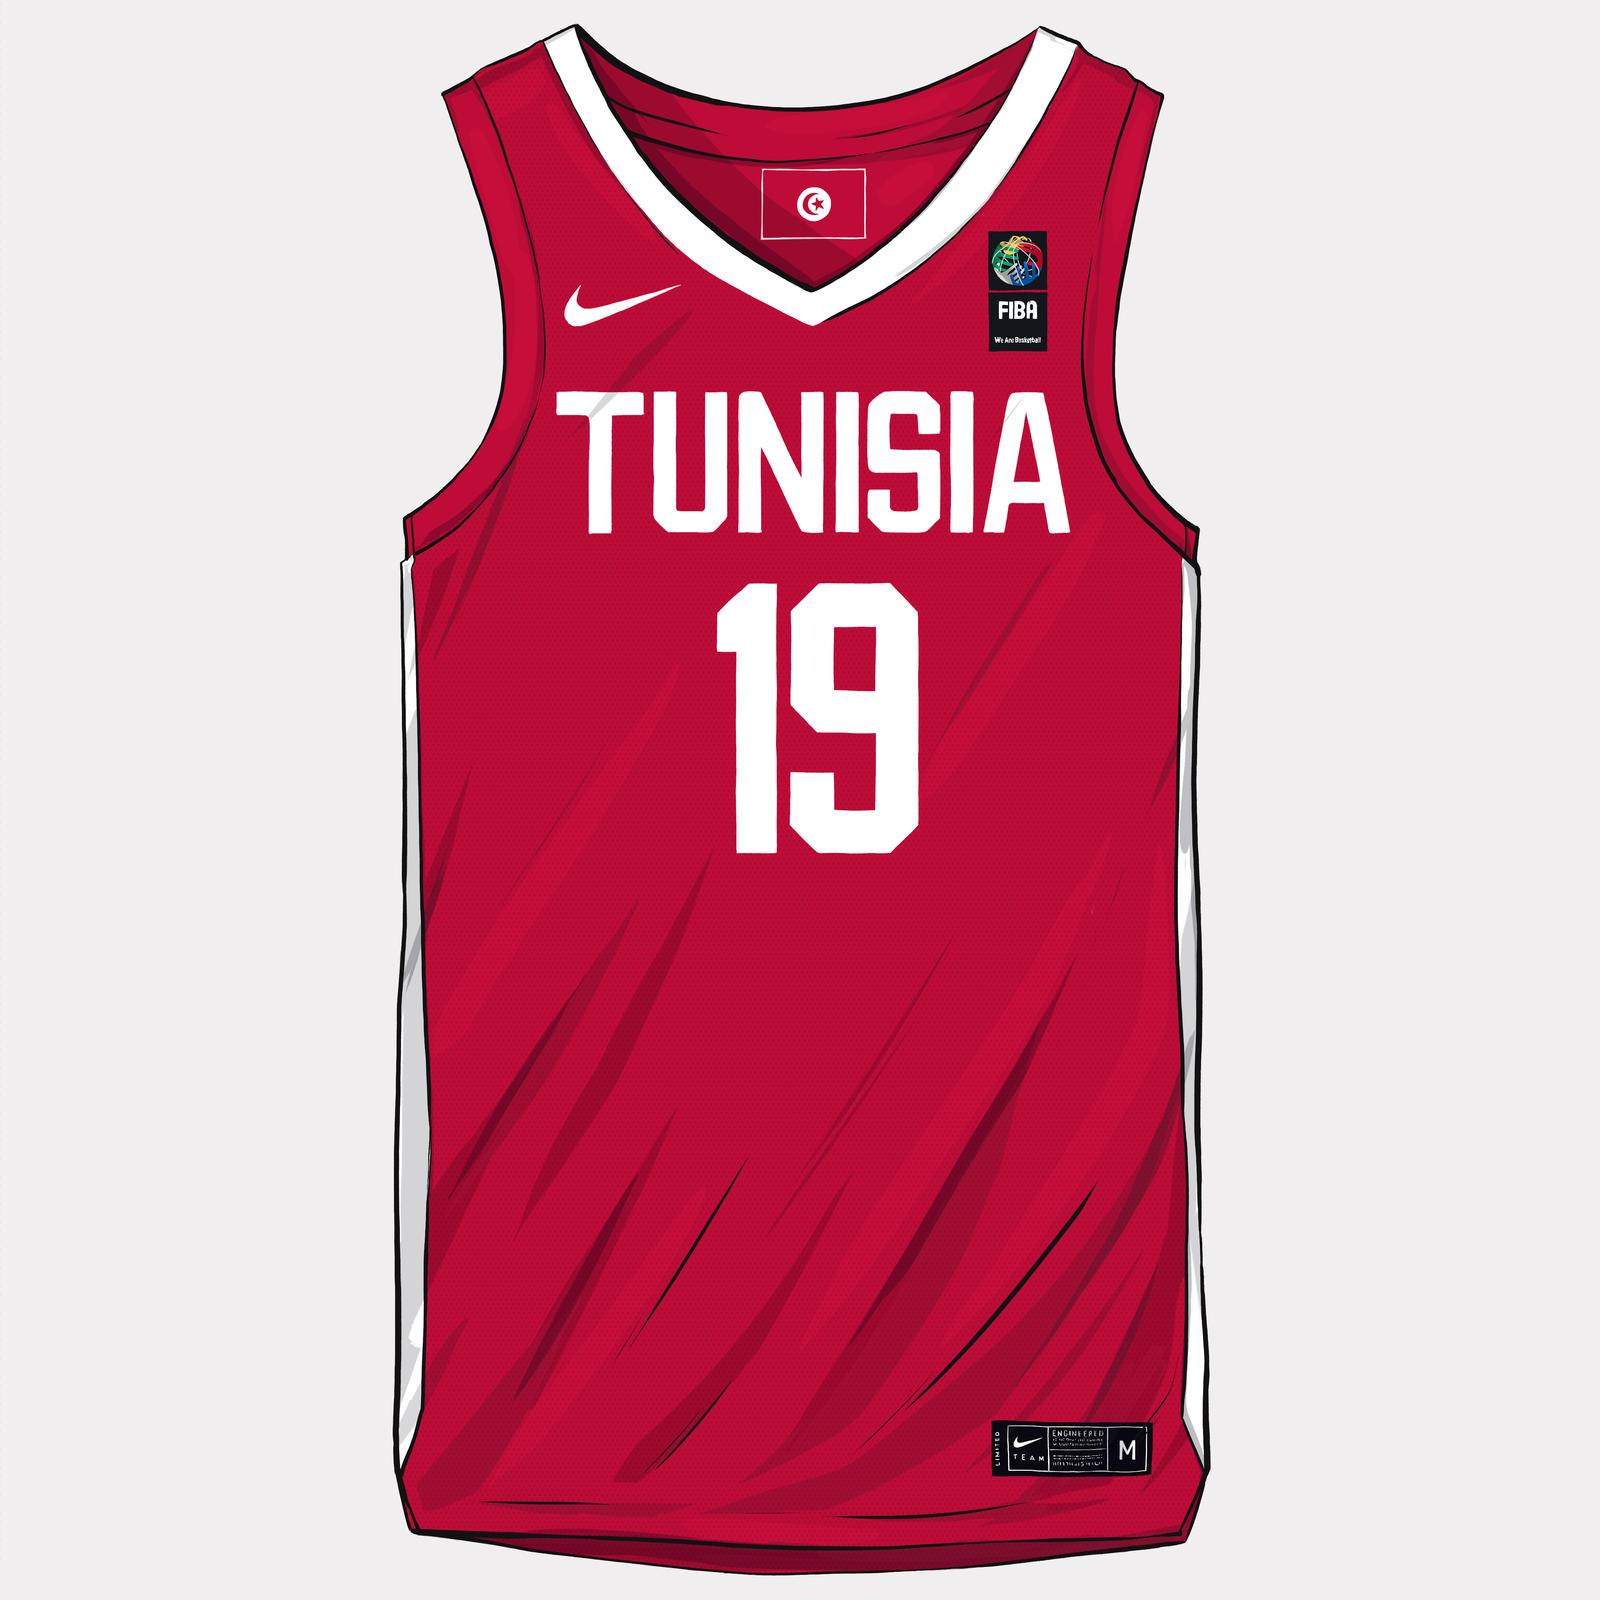 nike-news-tunisia-national-team-kit-2019-illustration-1x1_1_89541.jpg